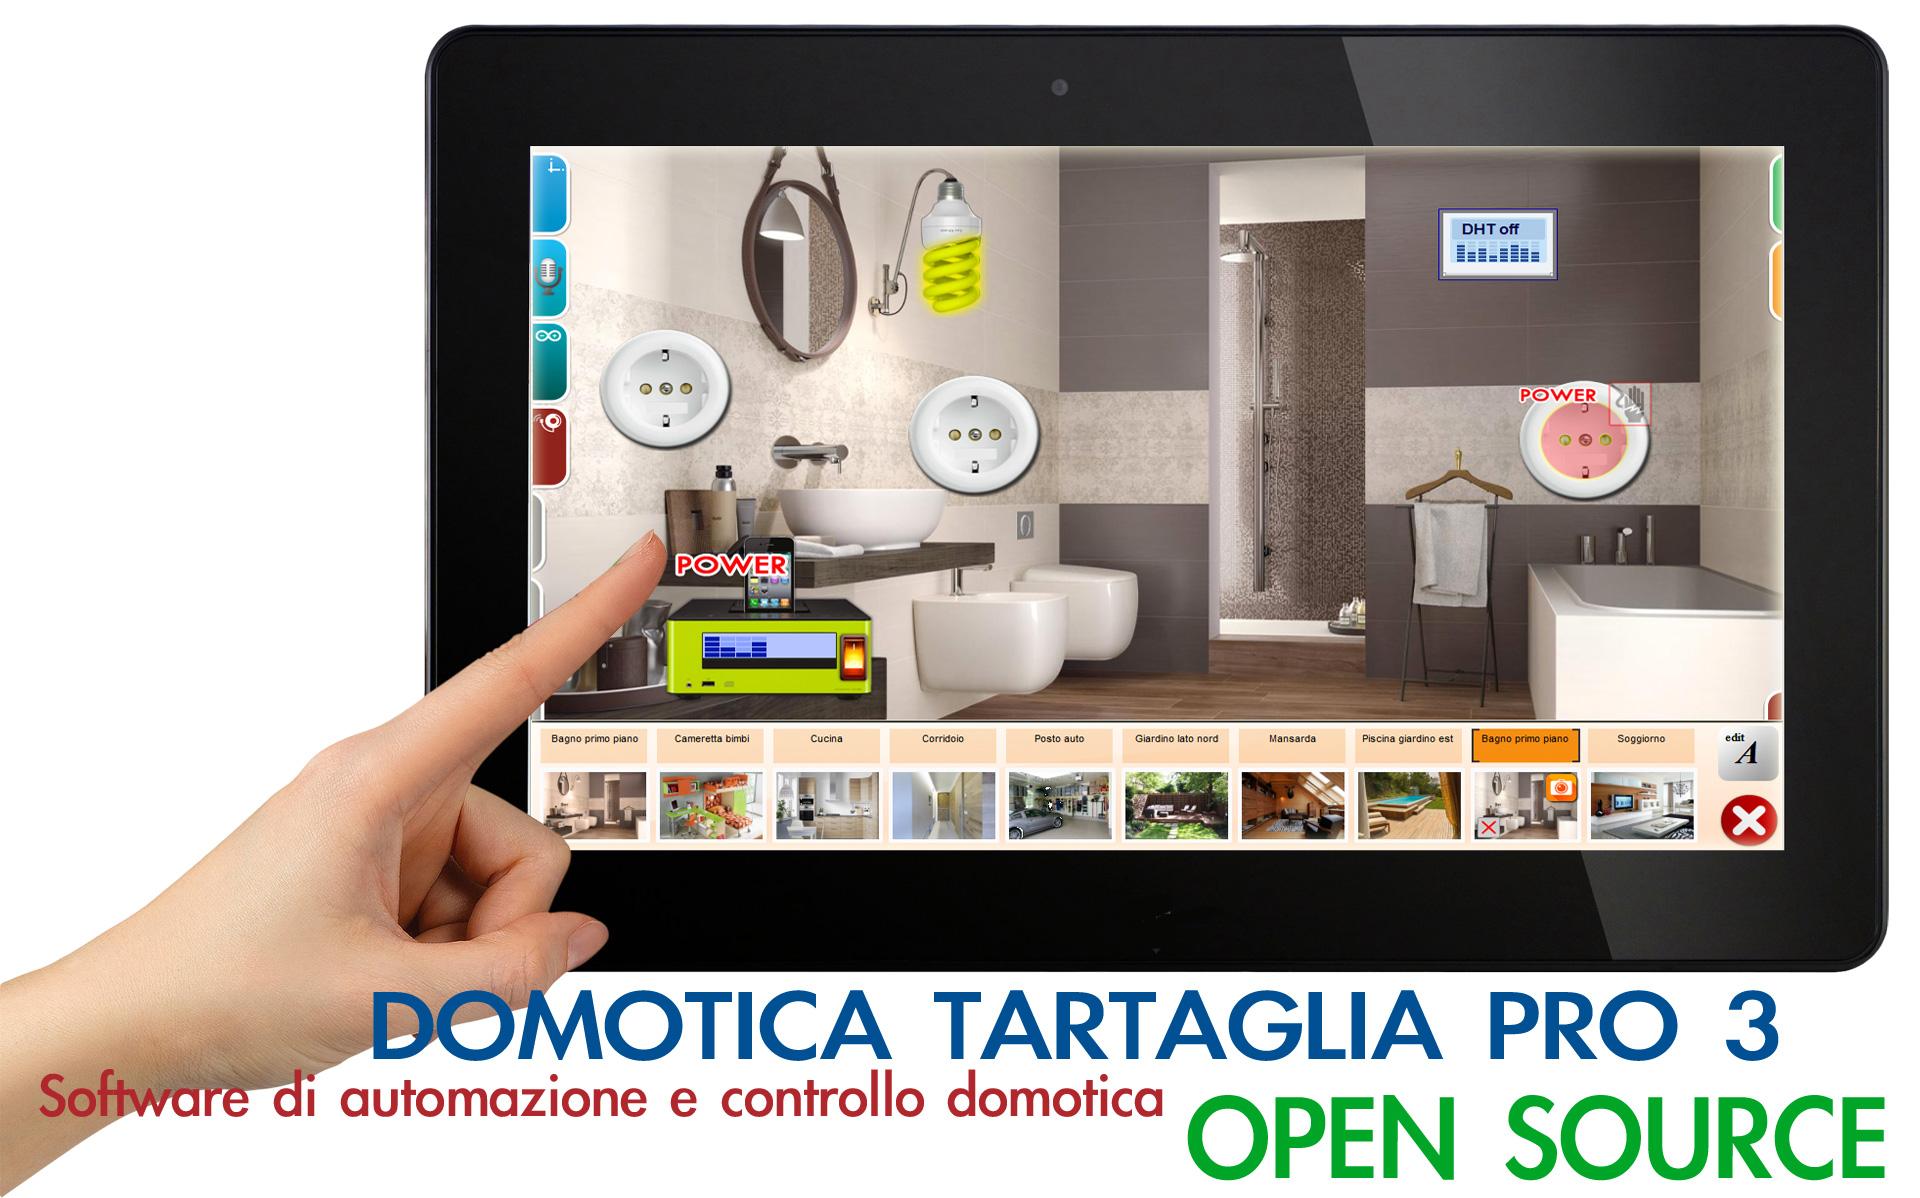 Domotica dt pro labdomotic progetto e